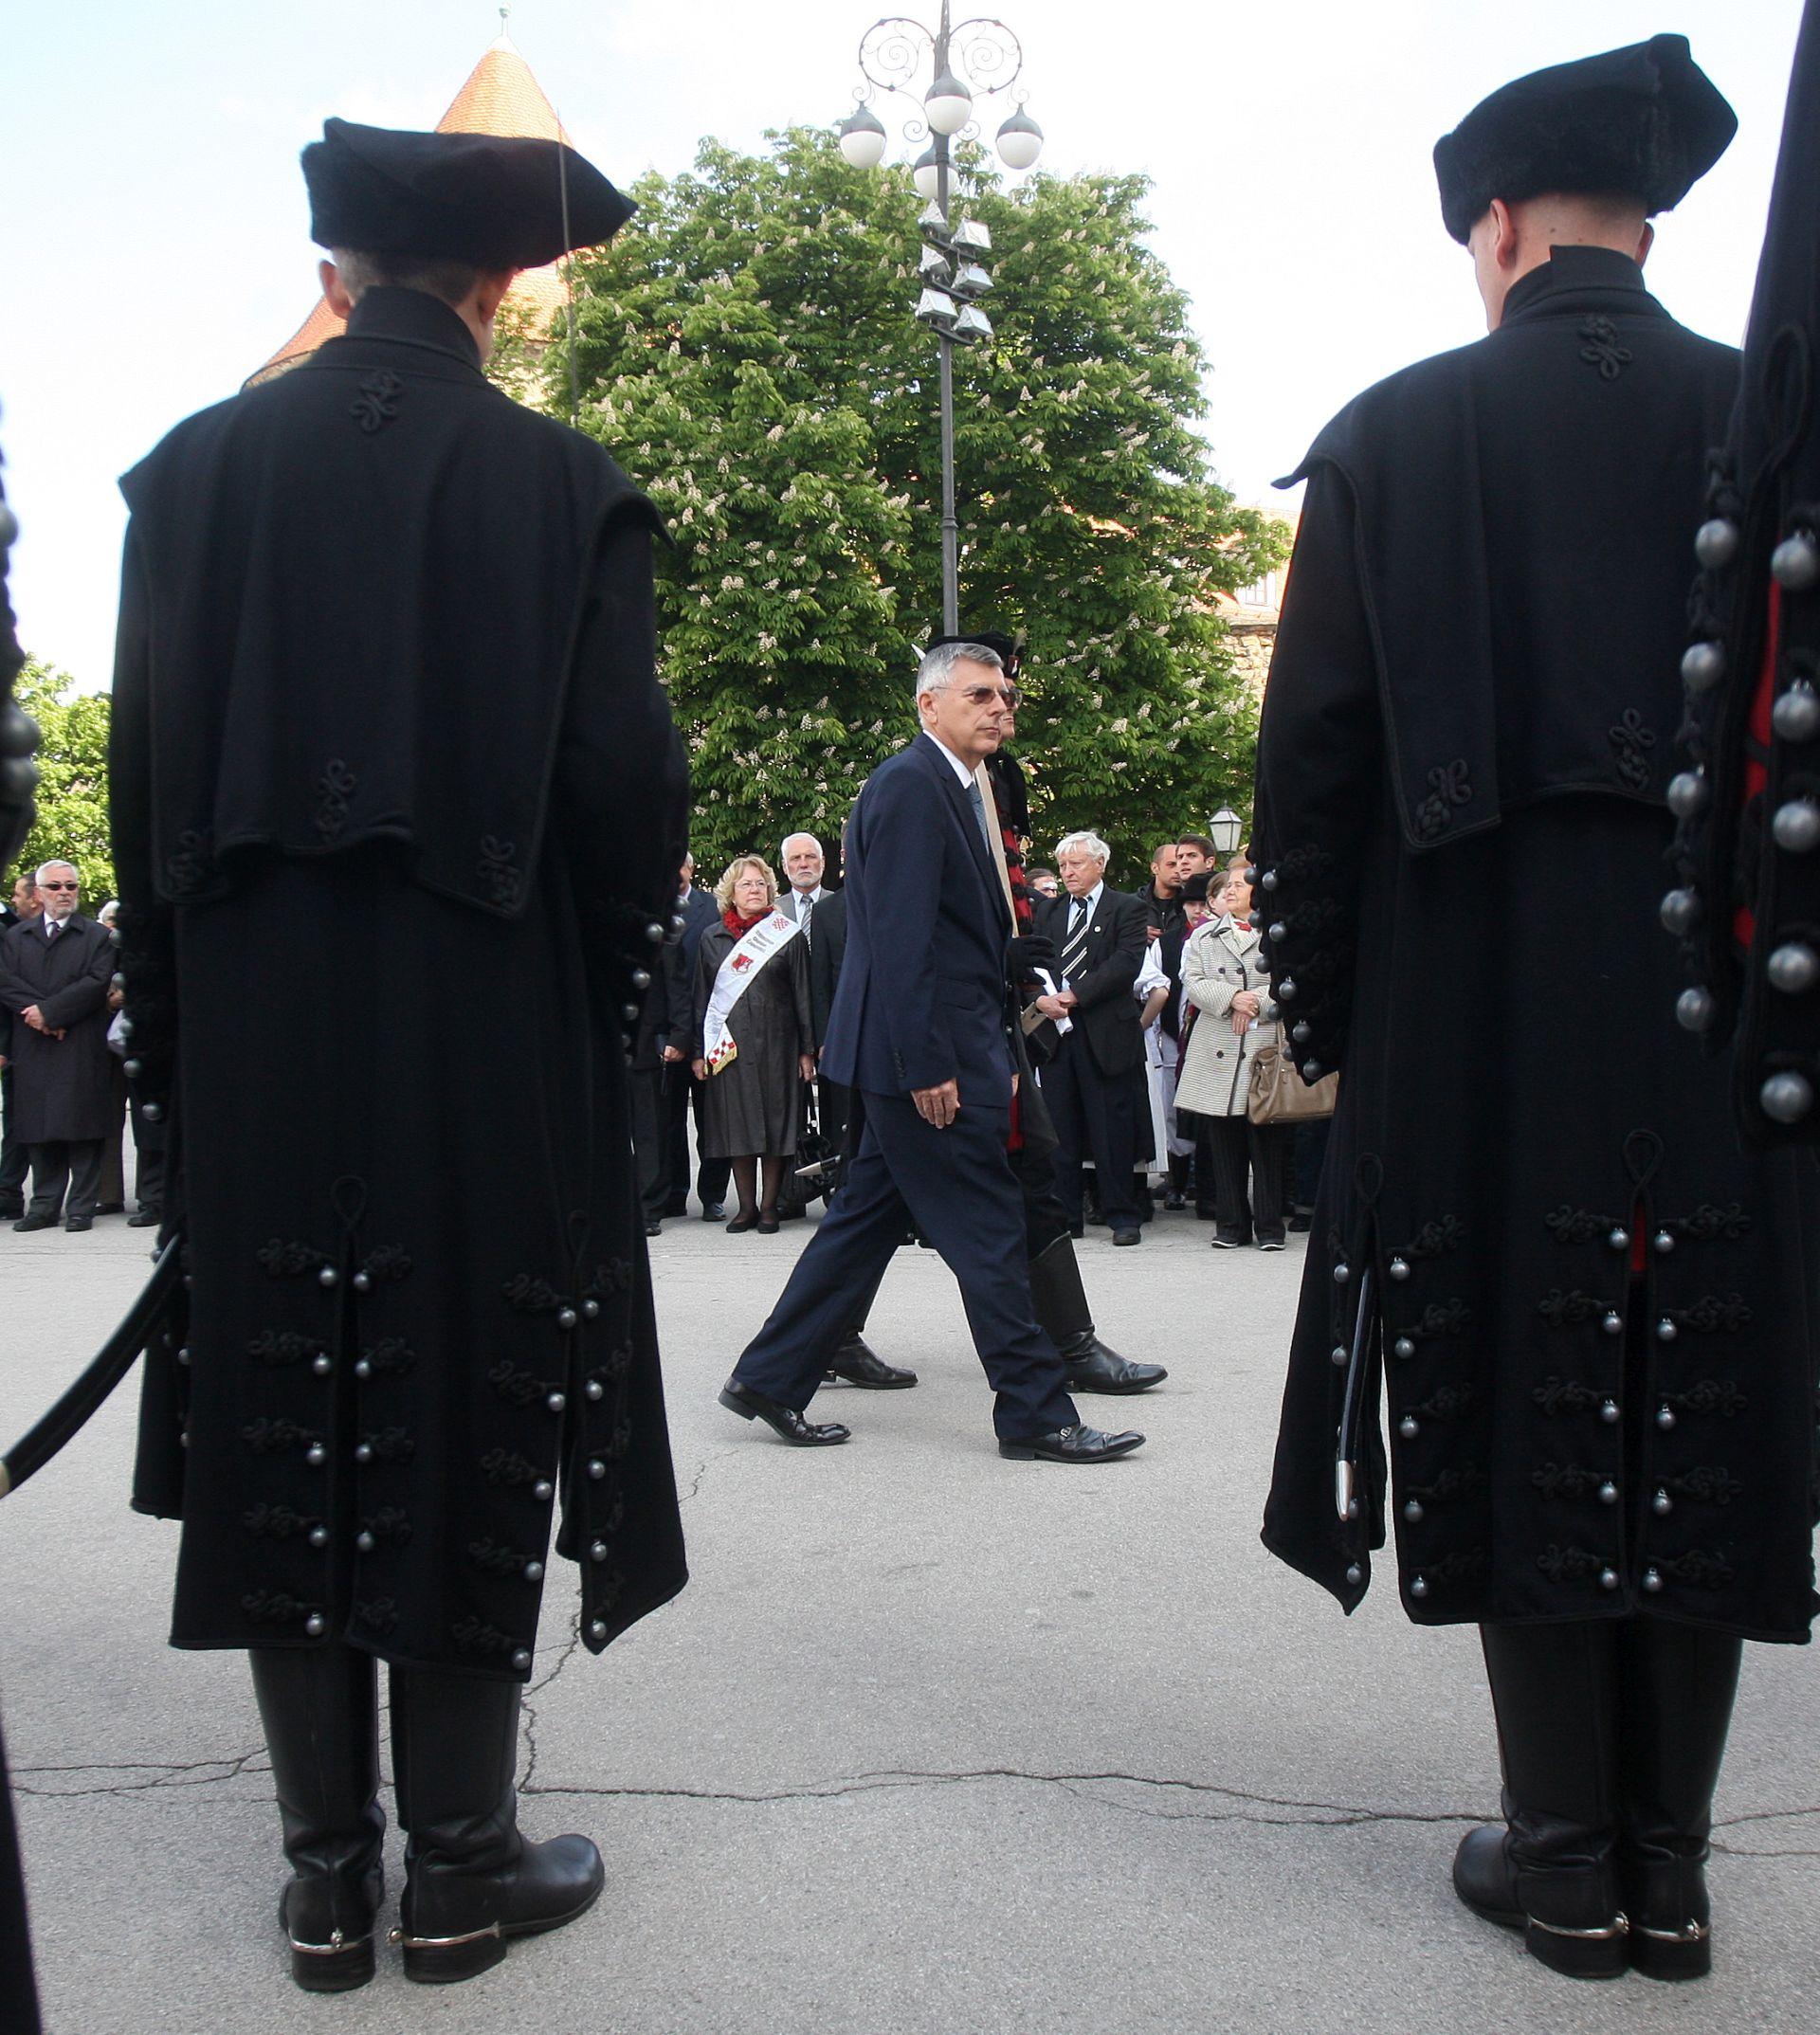 ZAGREBAČKA KATEDRALA: Željko Reiner na obilježavanju Spomendana Zrinskih i Frankopana